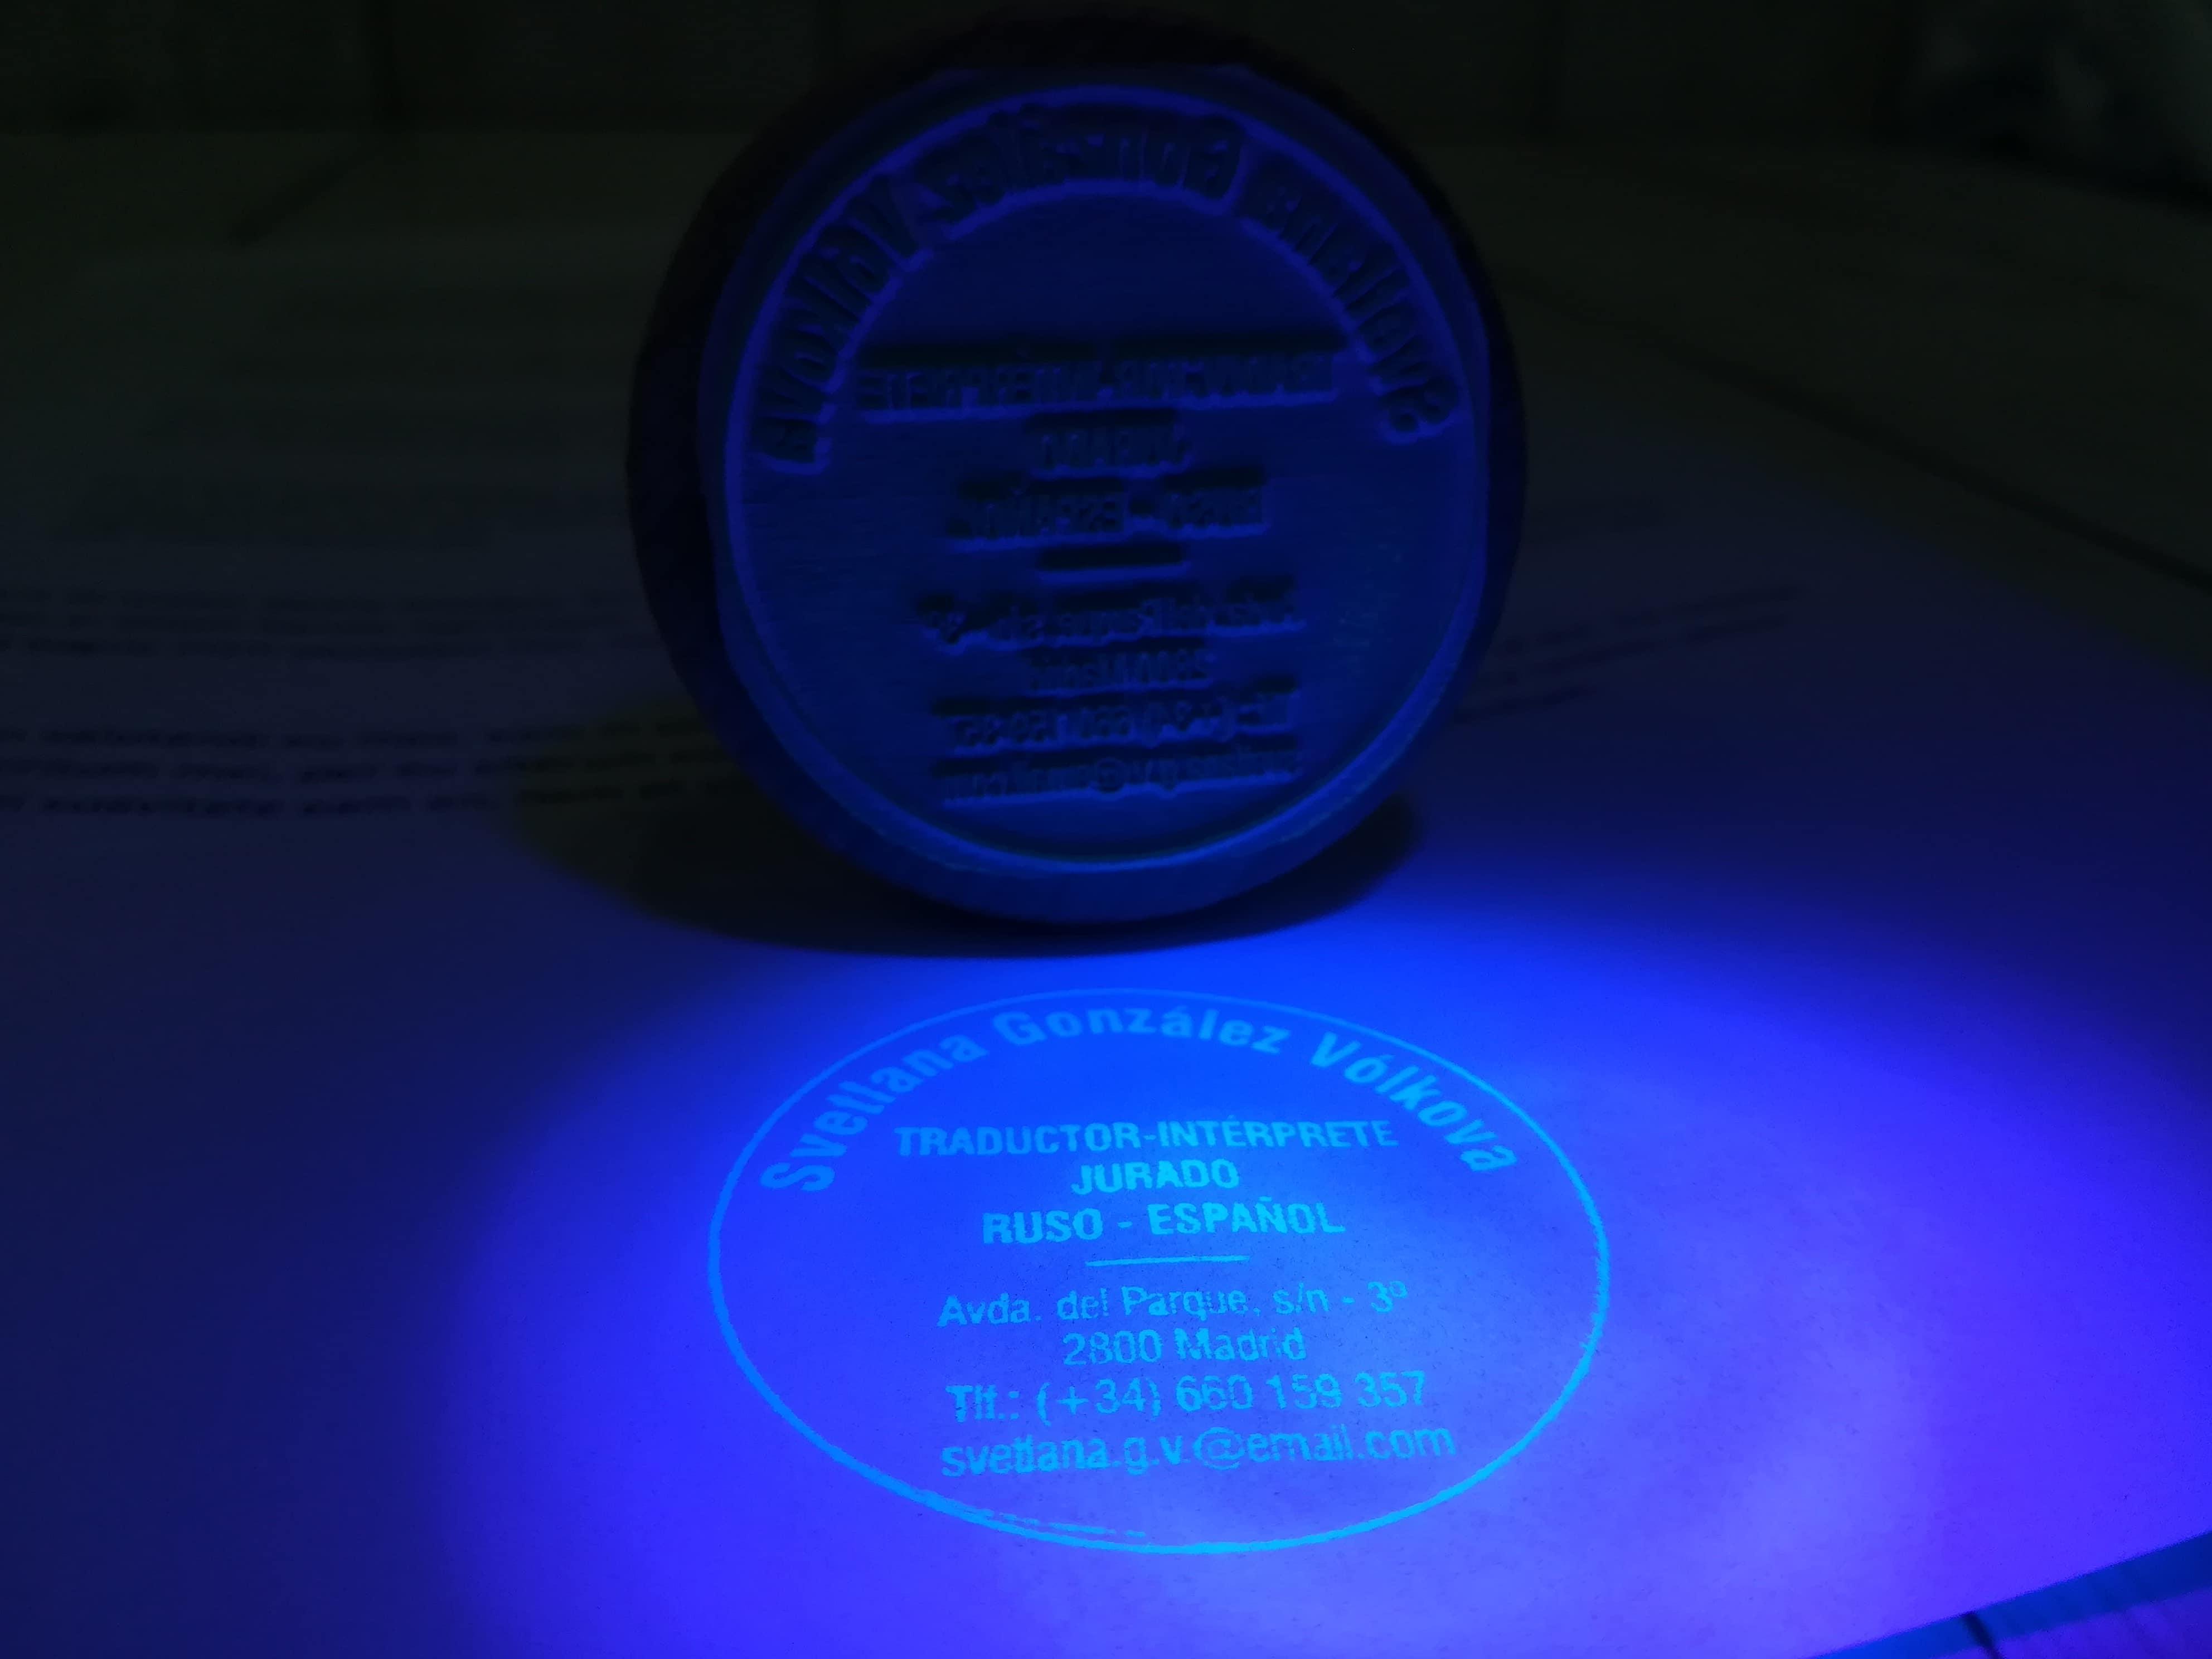 Sellos personalizados ultravioleta para seguridad de documentos